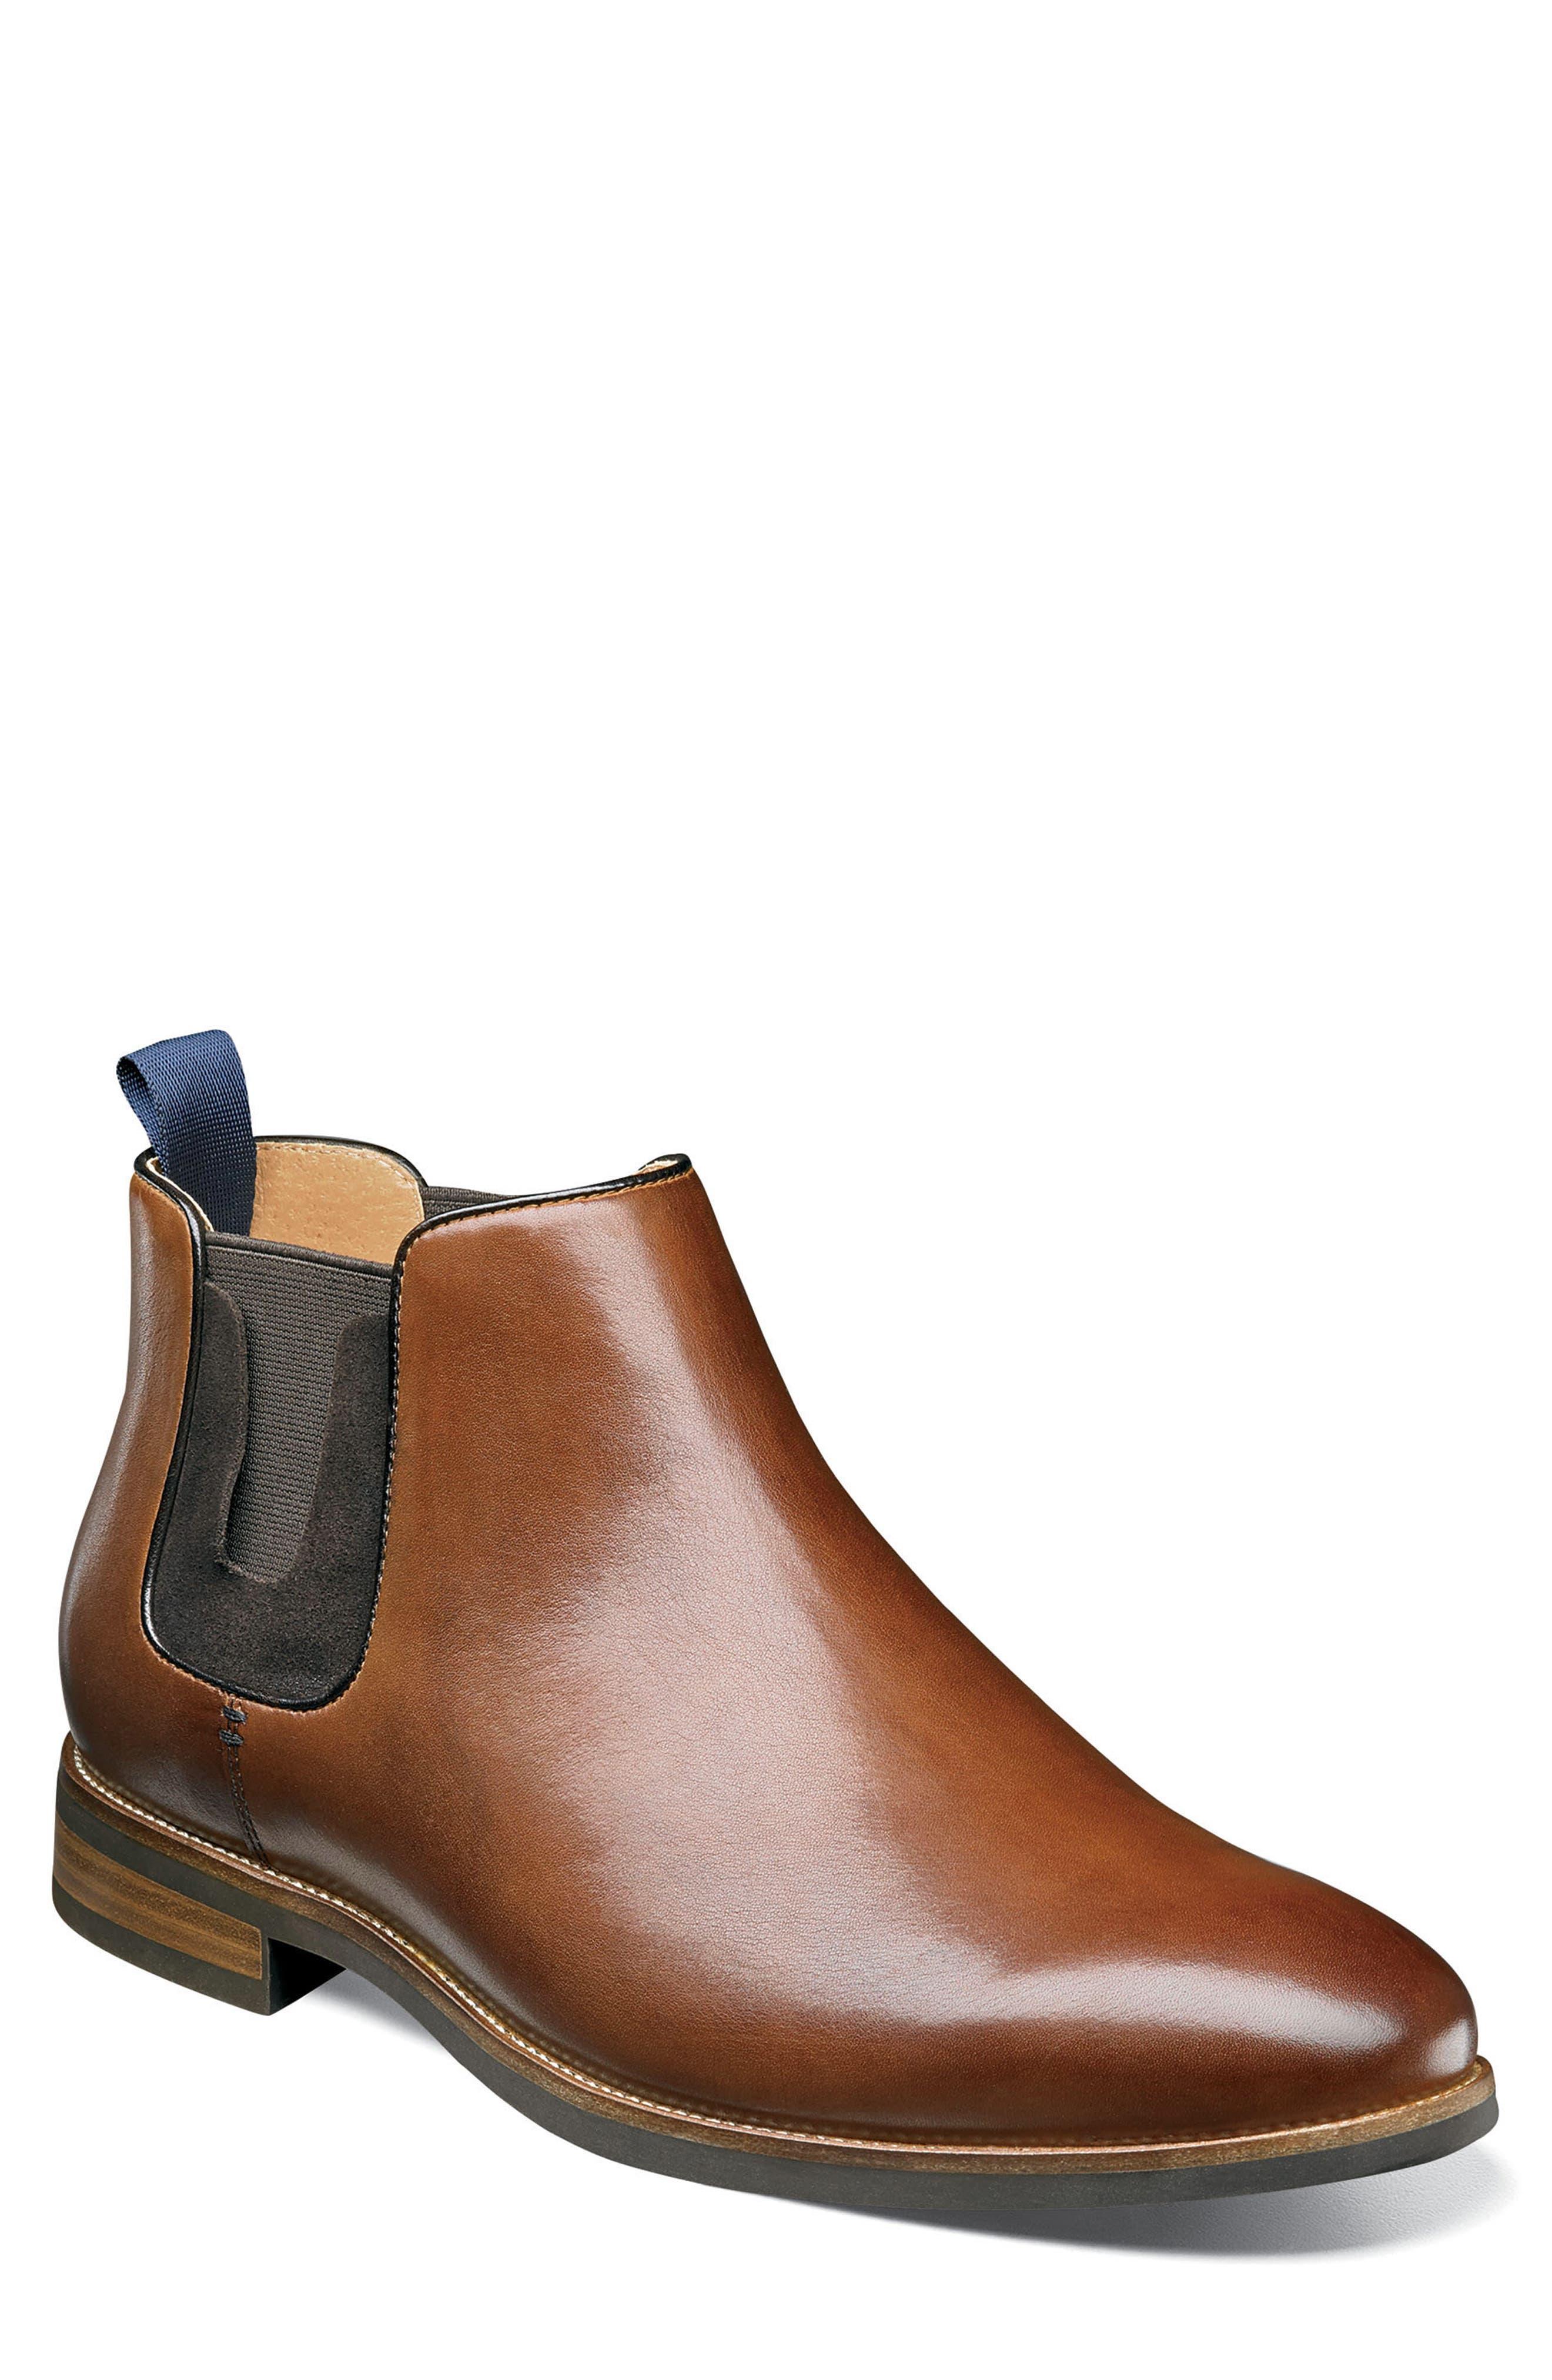 FLORSHEIM Uptown Plain Toe Mid Chelsea Boot, Main, color, COGNAC LEATHER